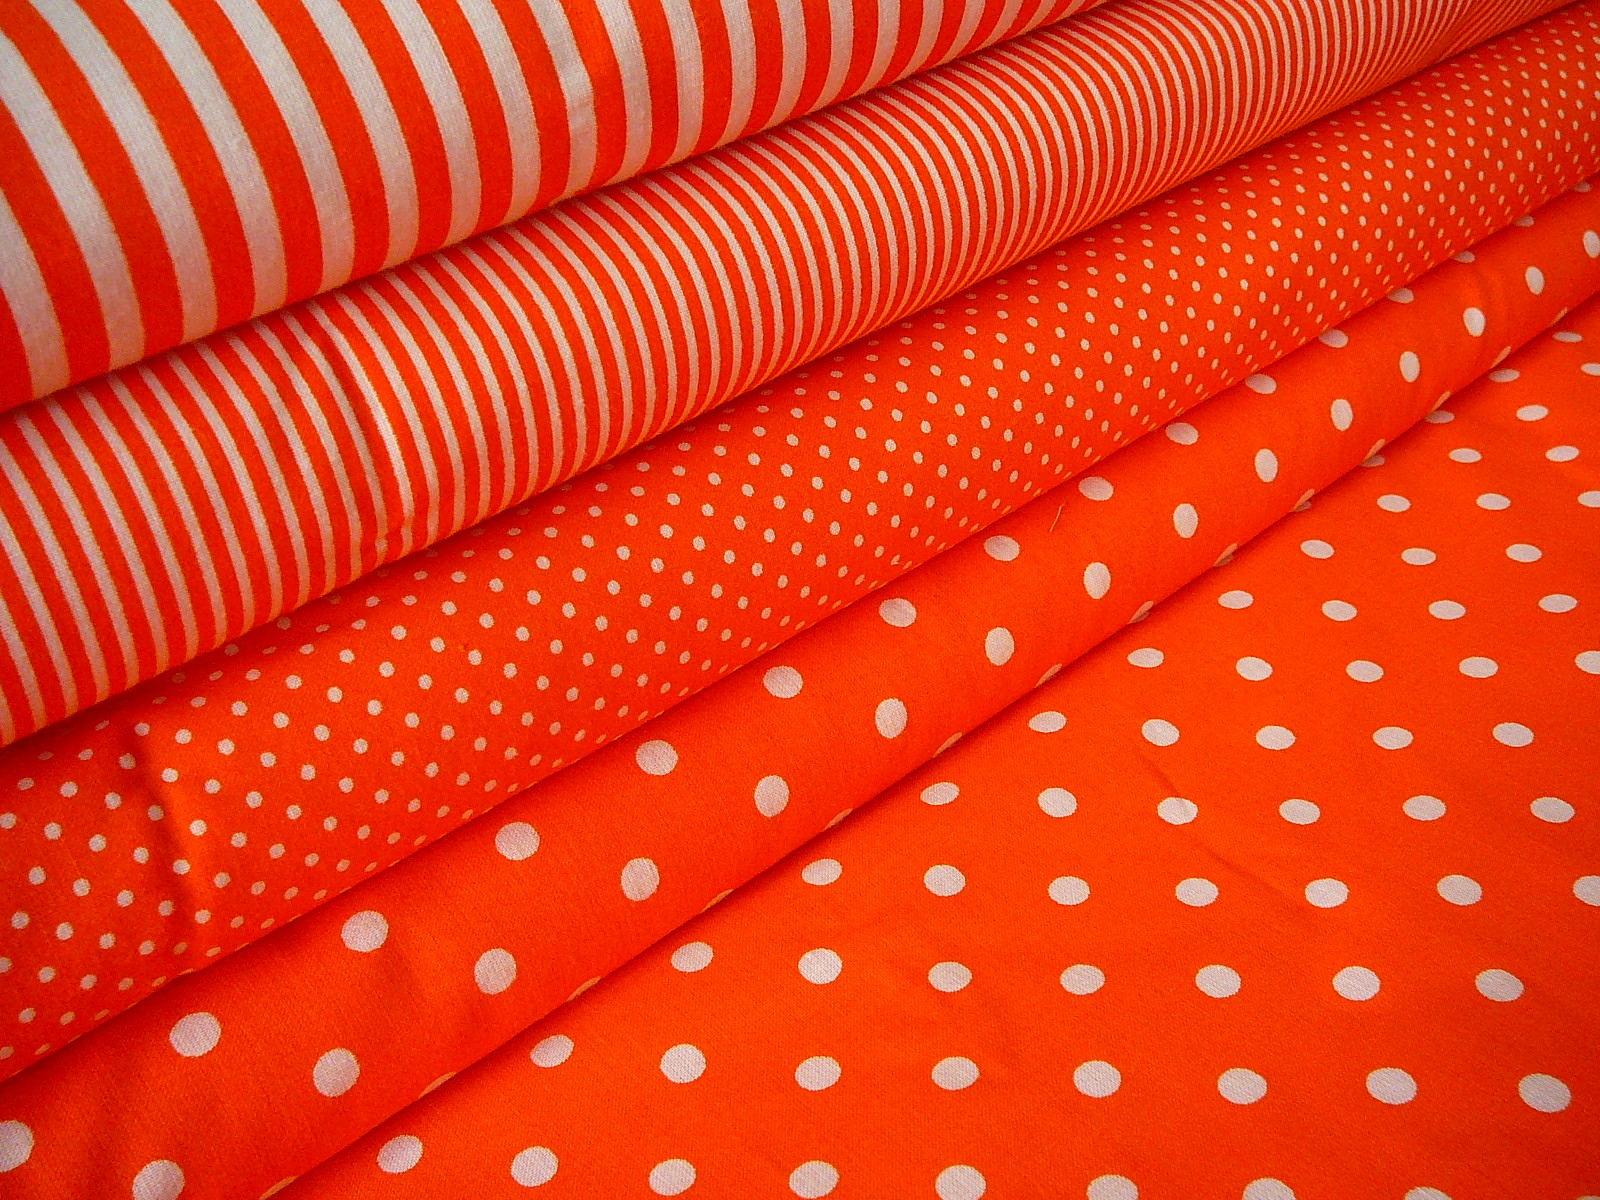 c4aa597b4b7e Patchwork - bavlněná látka - bílý puntík na oranžové - šíře 150cm